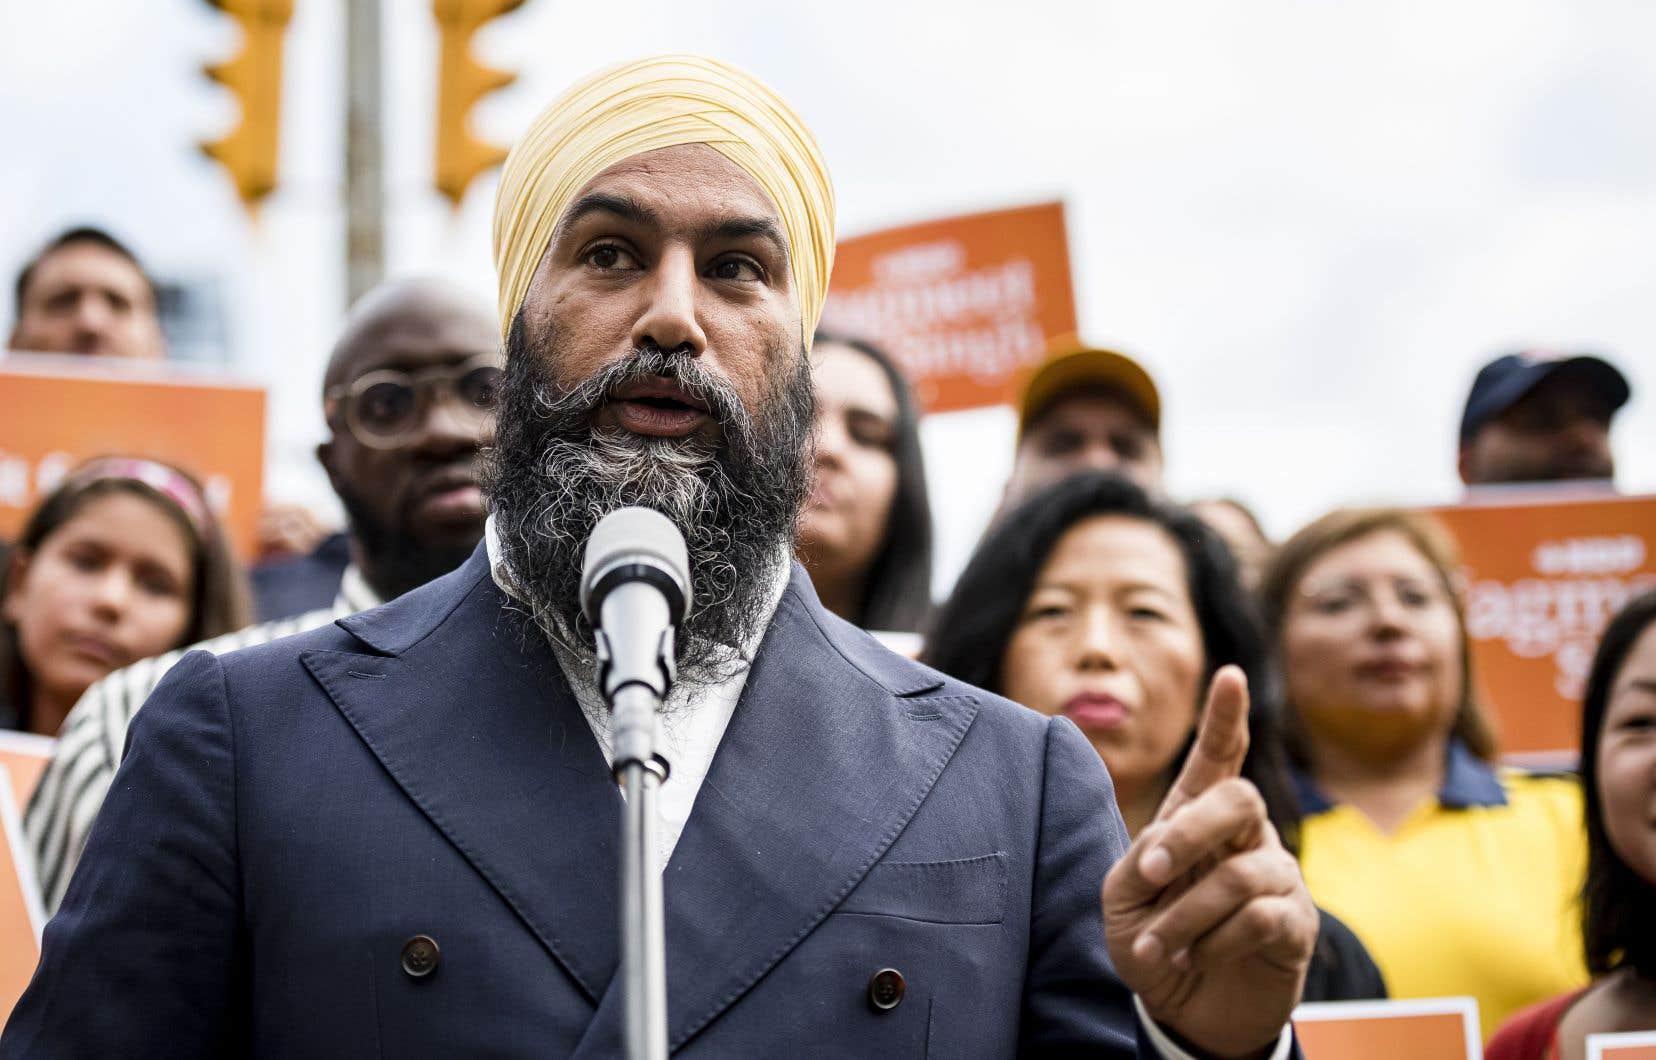 Le chef du NPD, Jagmeet Singh, s'est adressé aux médias en compagnie de militants néodémocrates, lundi à Toronto.